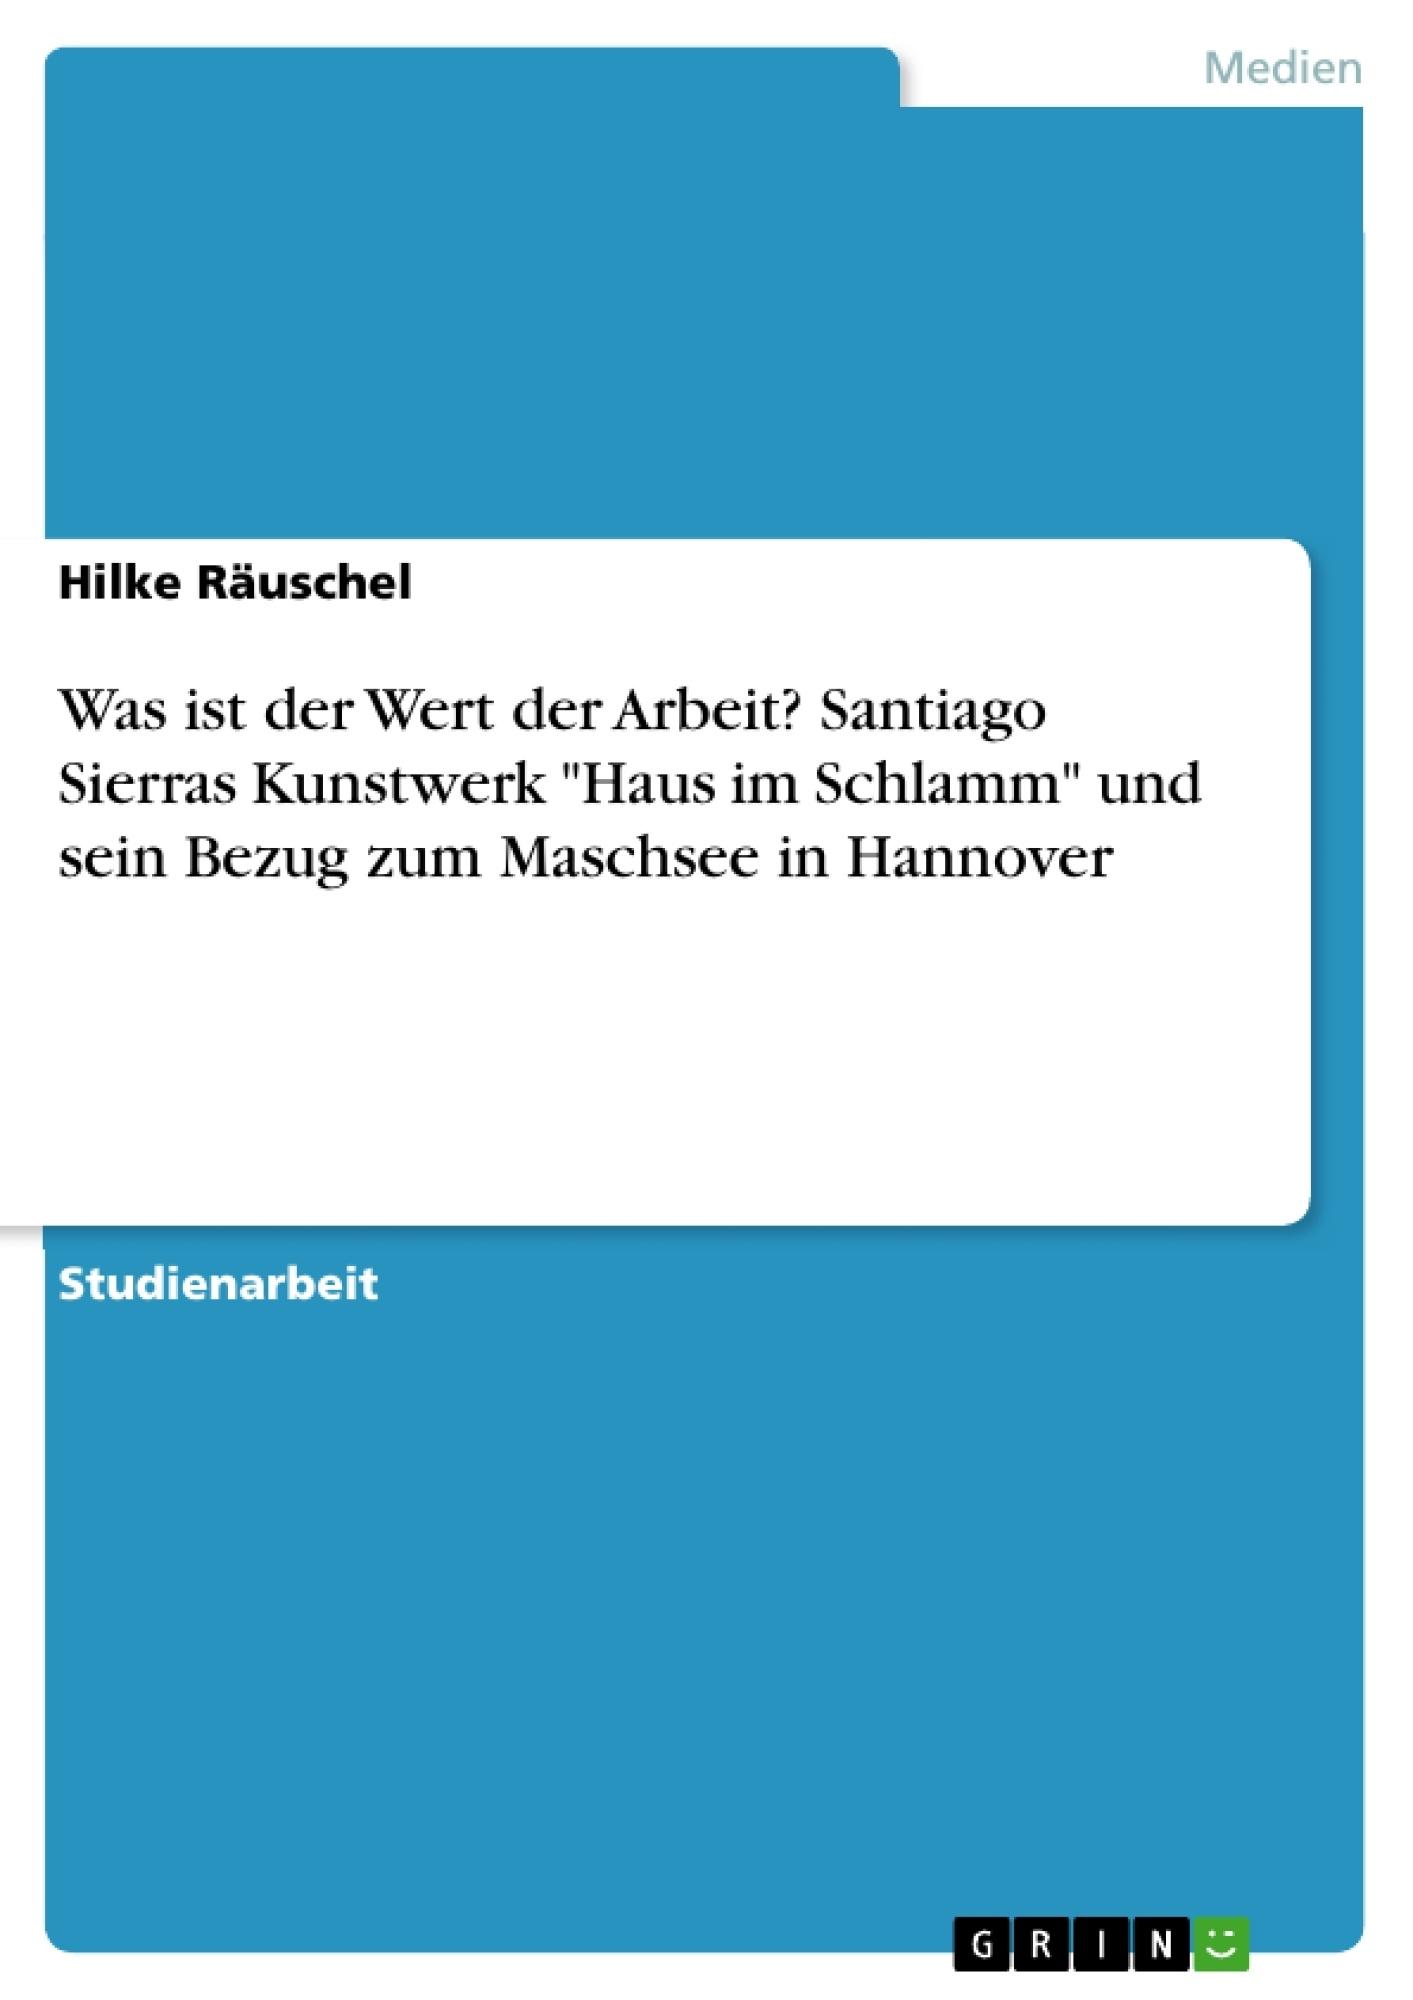 """Titel: Was ist der Wert der Arbeit? Santiago Sierras Kunstwerk """"Haus im Schlamm"""" und sein Bezug zum Maschsee in Hannover"""